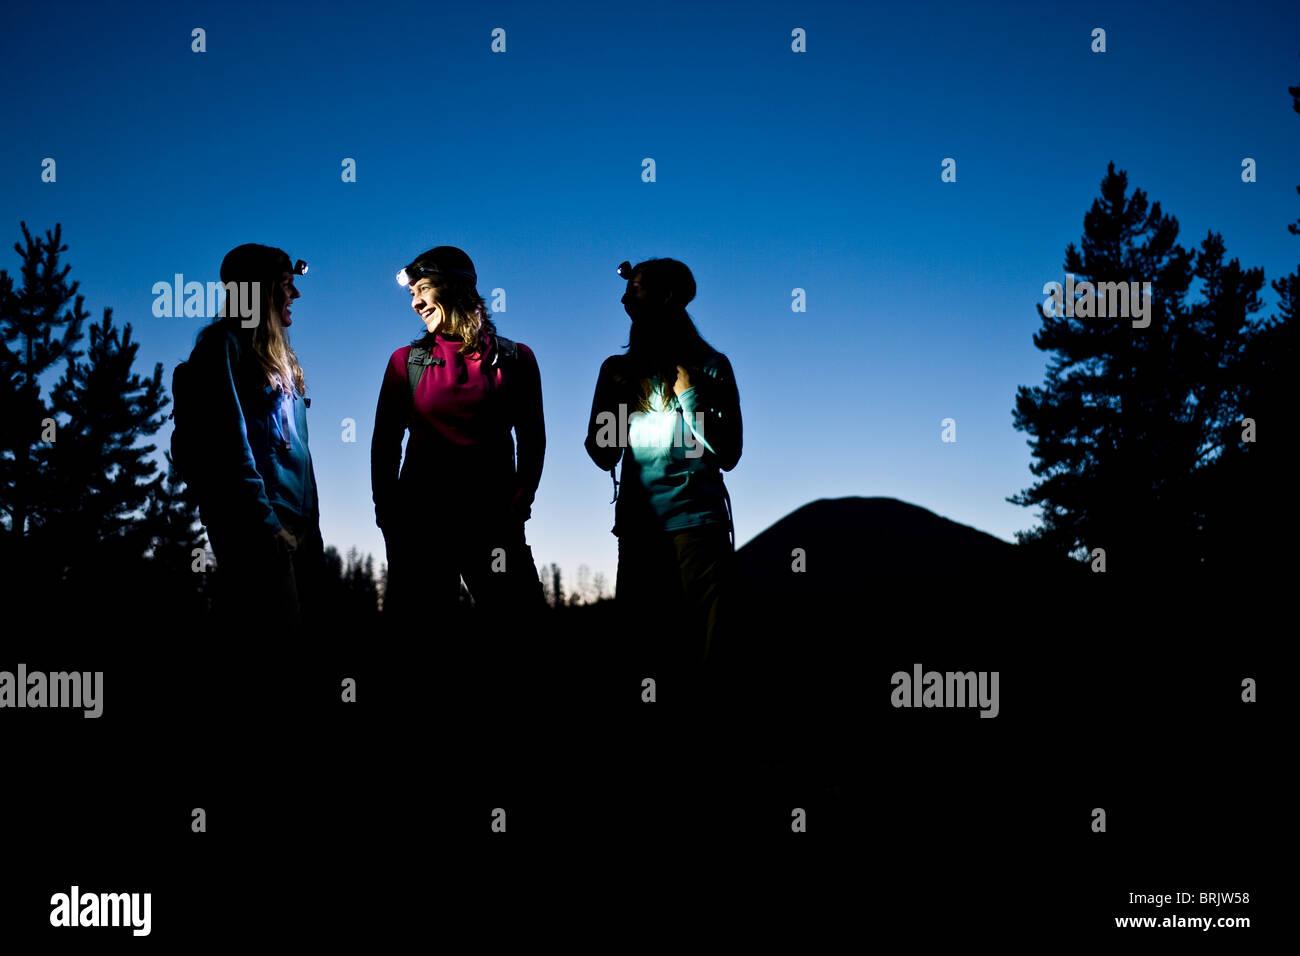 Three women talk while enjoying a twilight hike illuminated by headlamp. - Stock Image